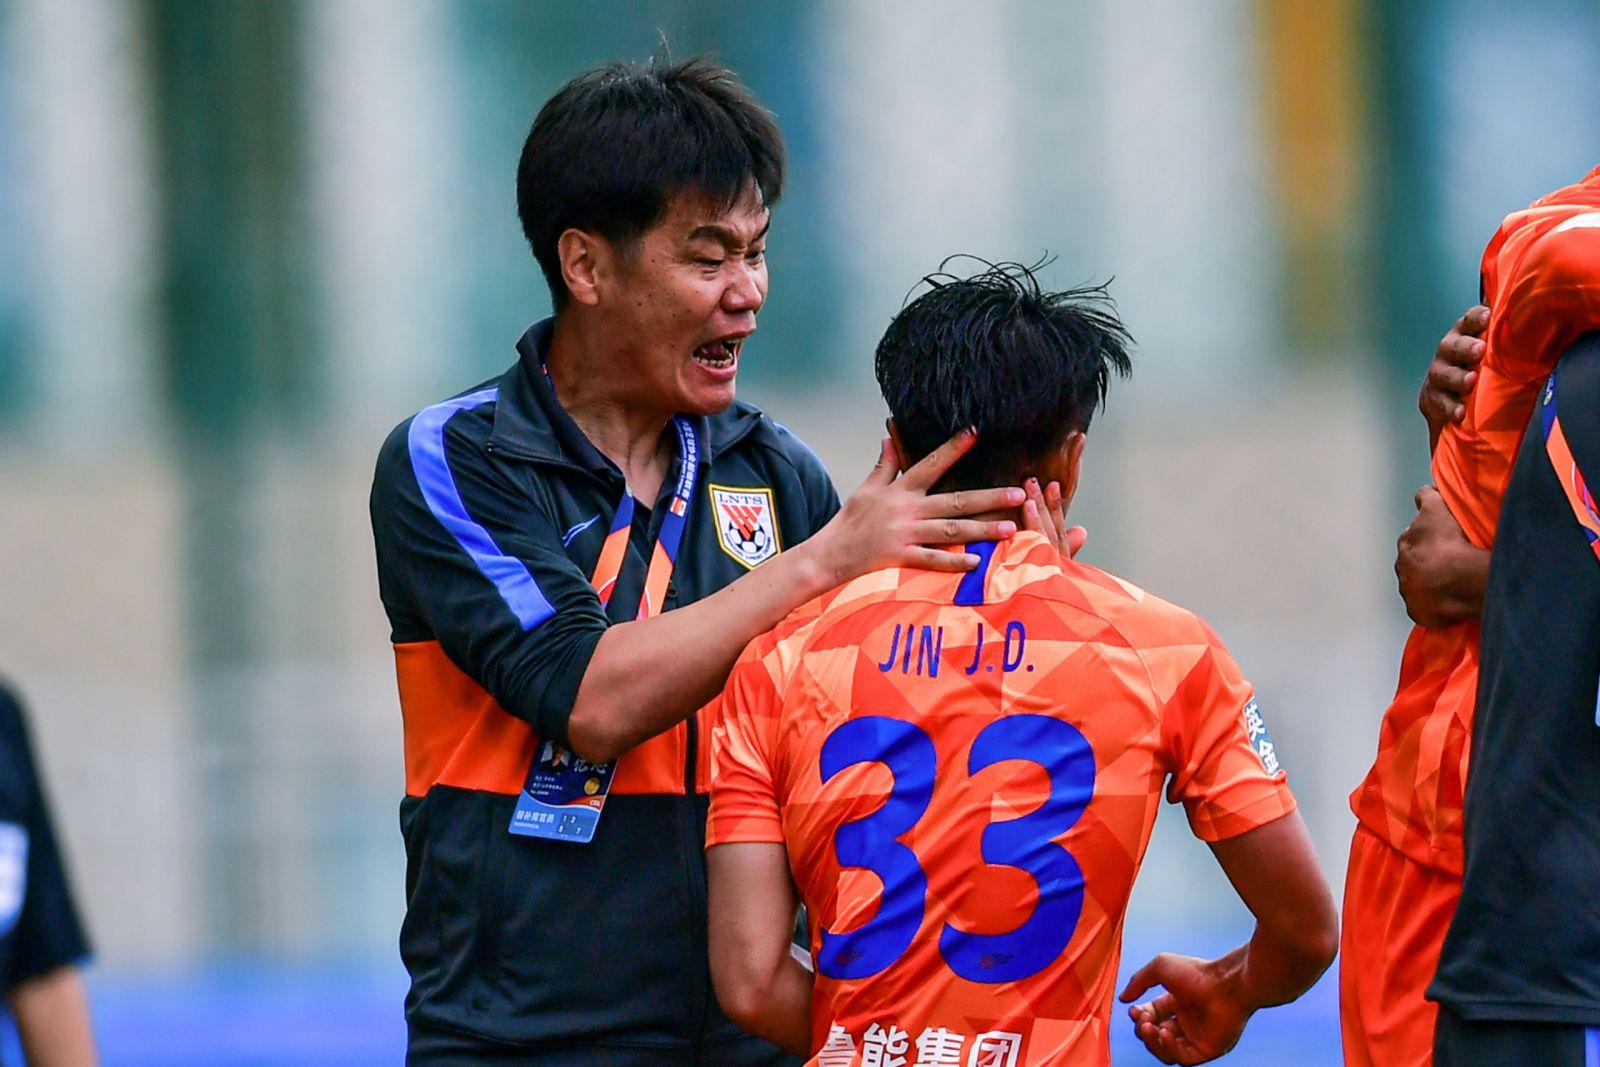 李霄鹏专访:未来目标是带出的年足球宝贝轻教练去五大联赛执教